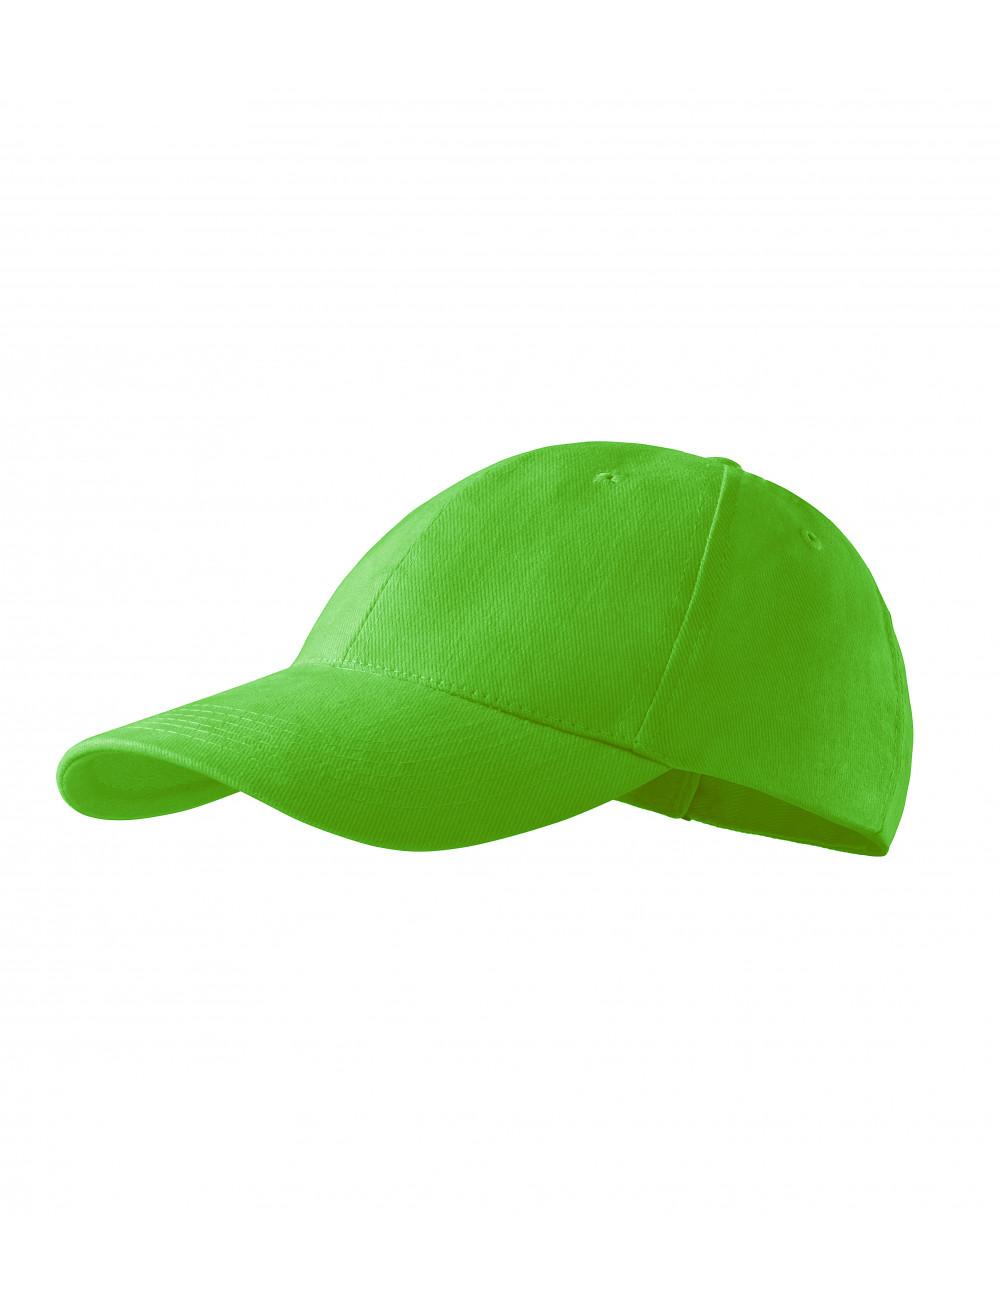 Adler MALFINI Czapka unisex 6P 305 green apple